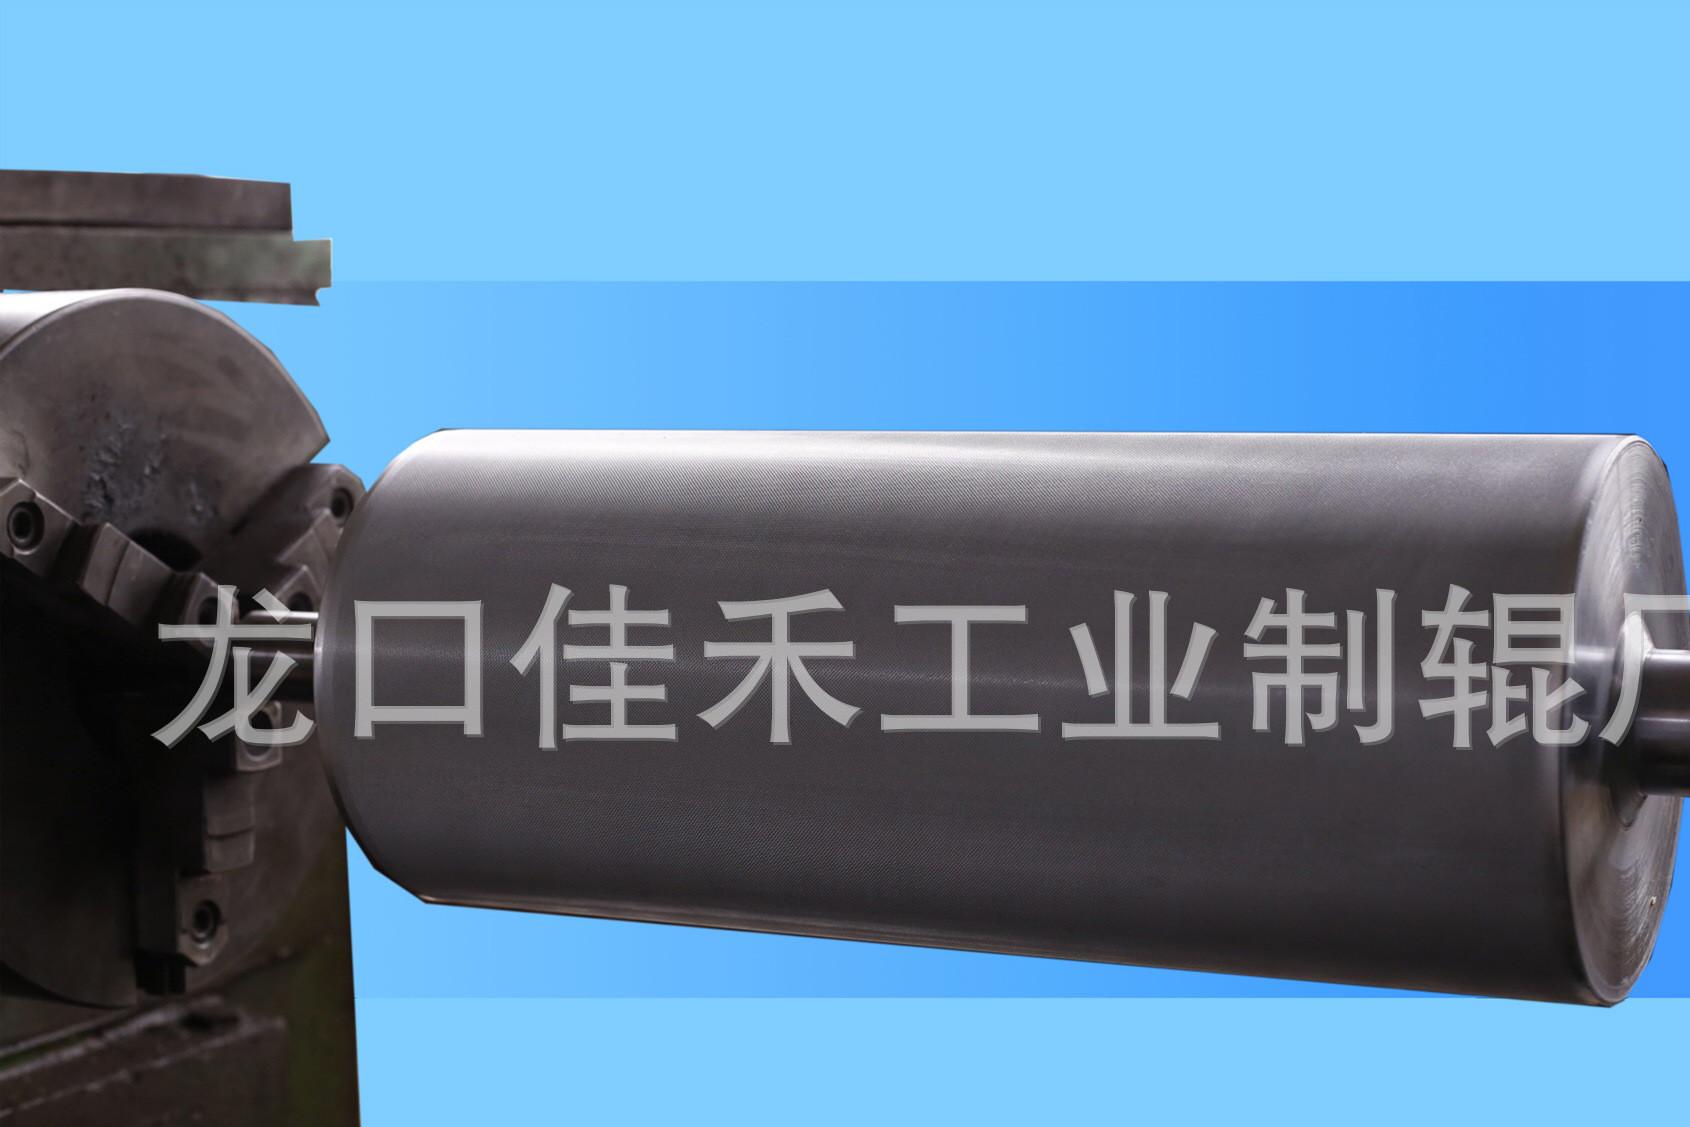 佳禾制辊 自主生产高精度电镀花纹辊 电镀网纹辊质量保证